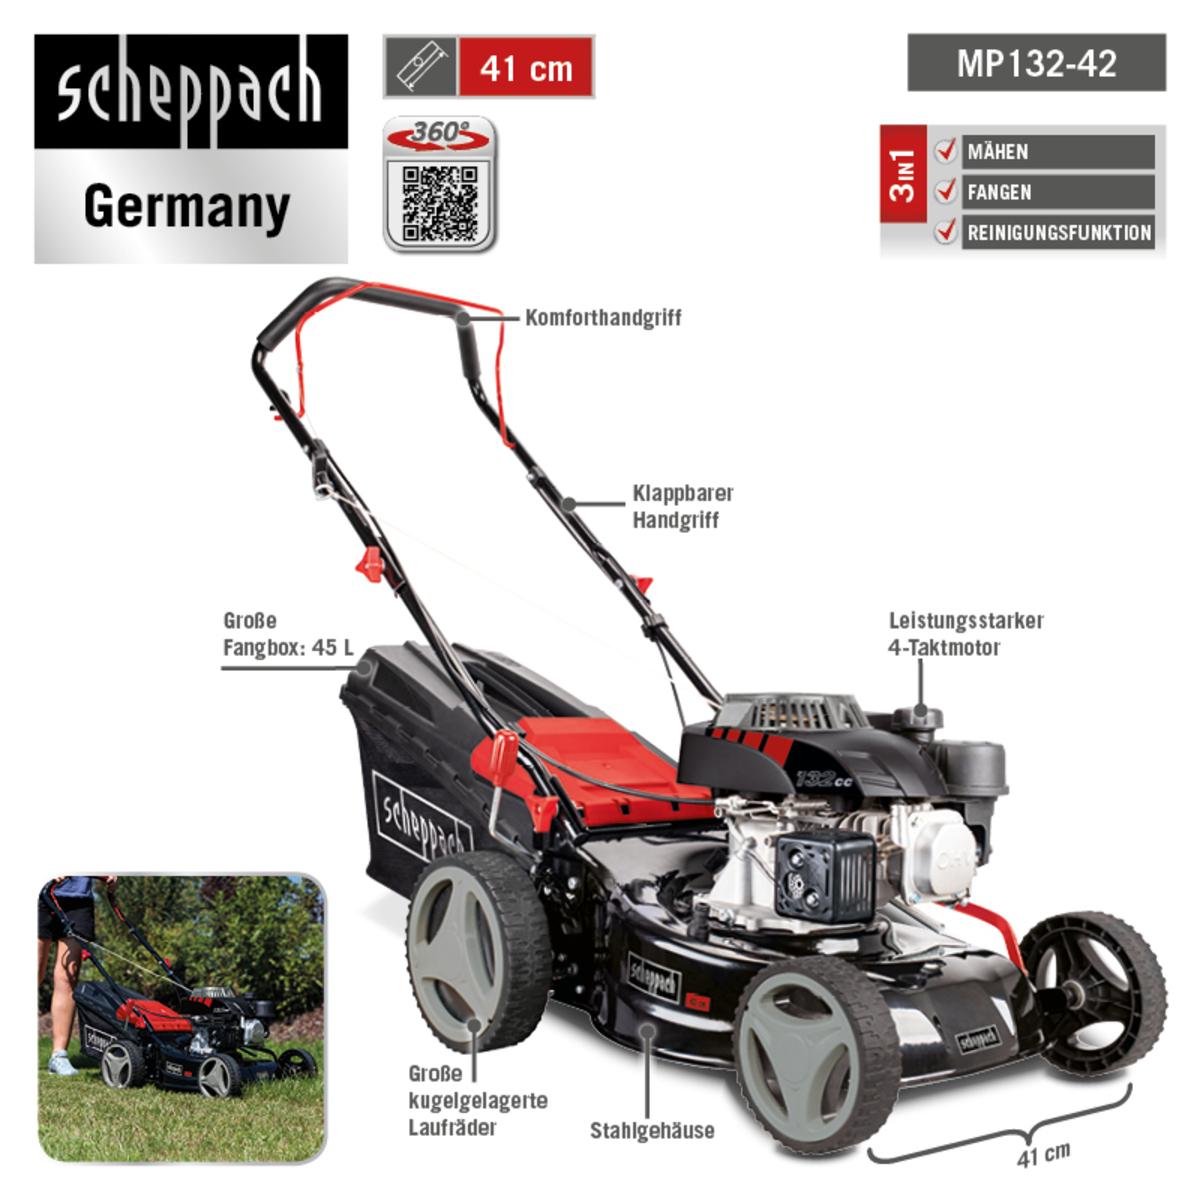 Bild 3 von Scheppach Benzin-Rasenmäher MP132-42